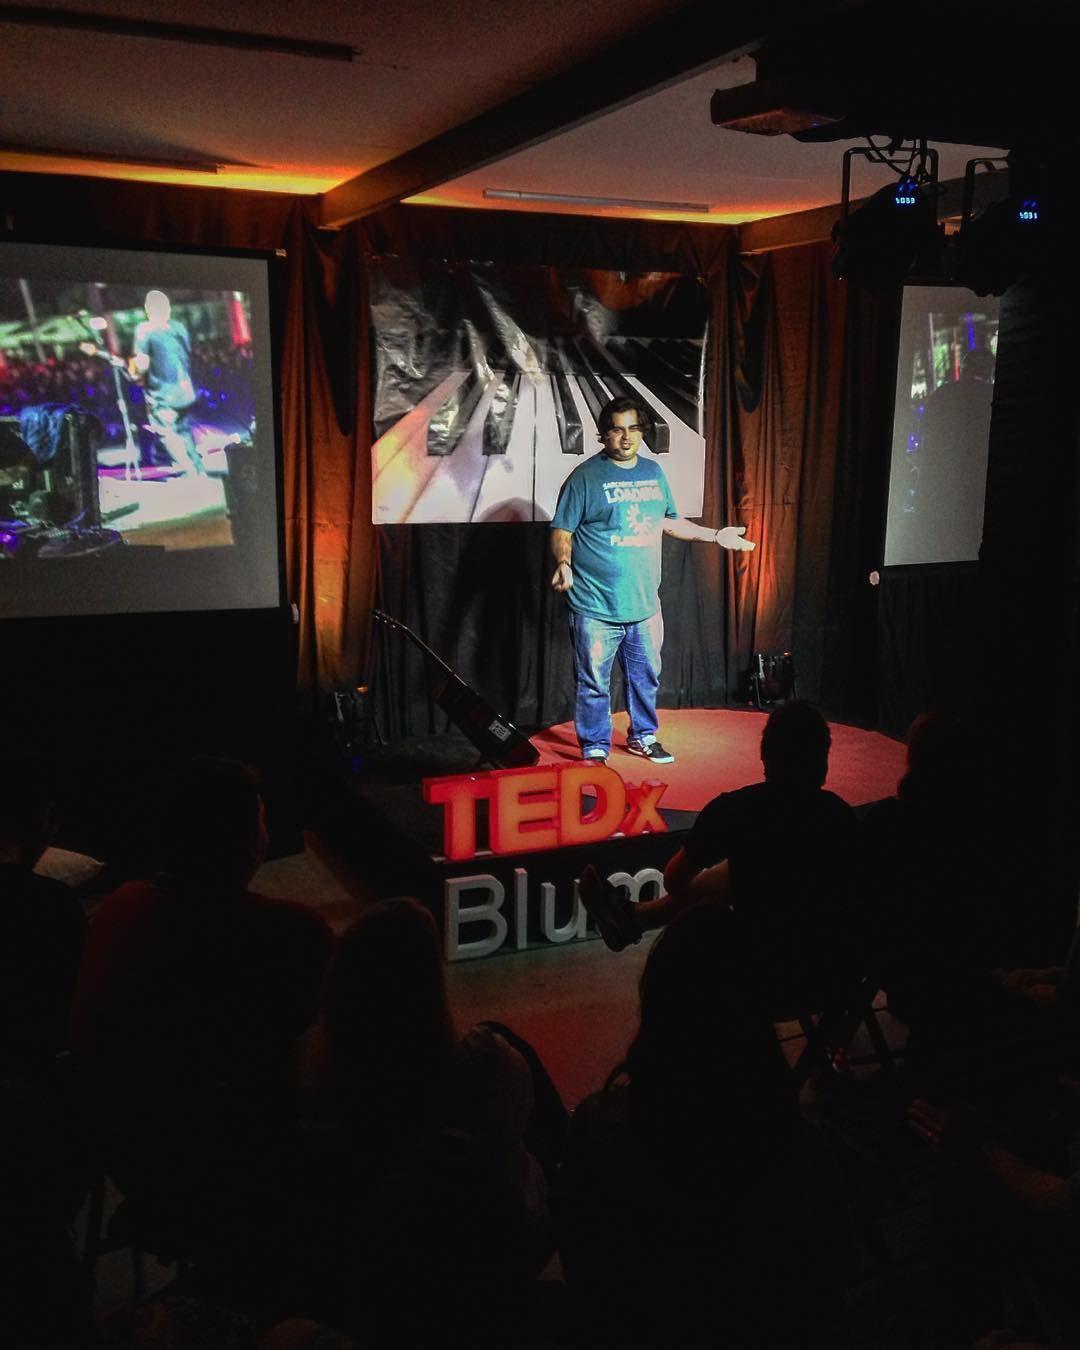 Tá tendo de novo!!! #tedxblumenausalonmúsica Muito compartilhamento de ideias e com certeza sentimentos incríveis aqui hoje